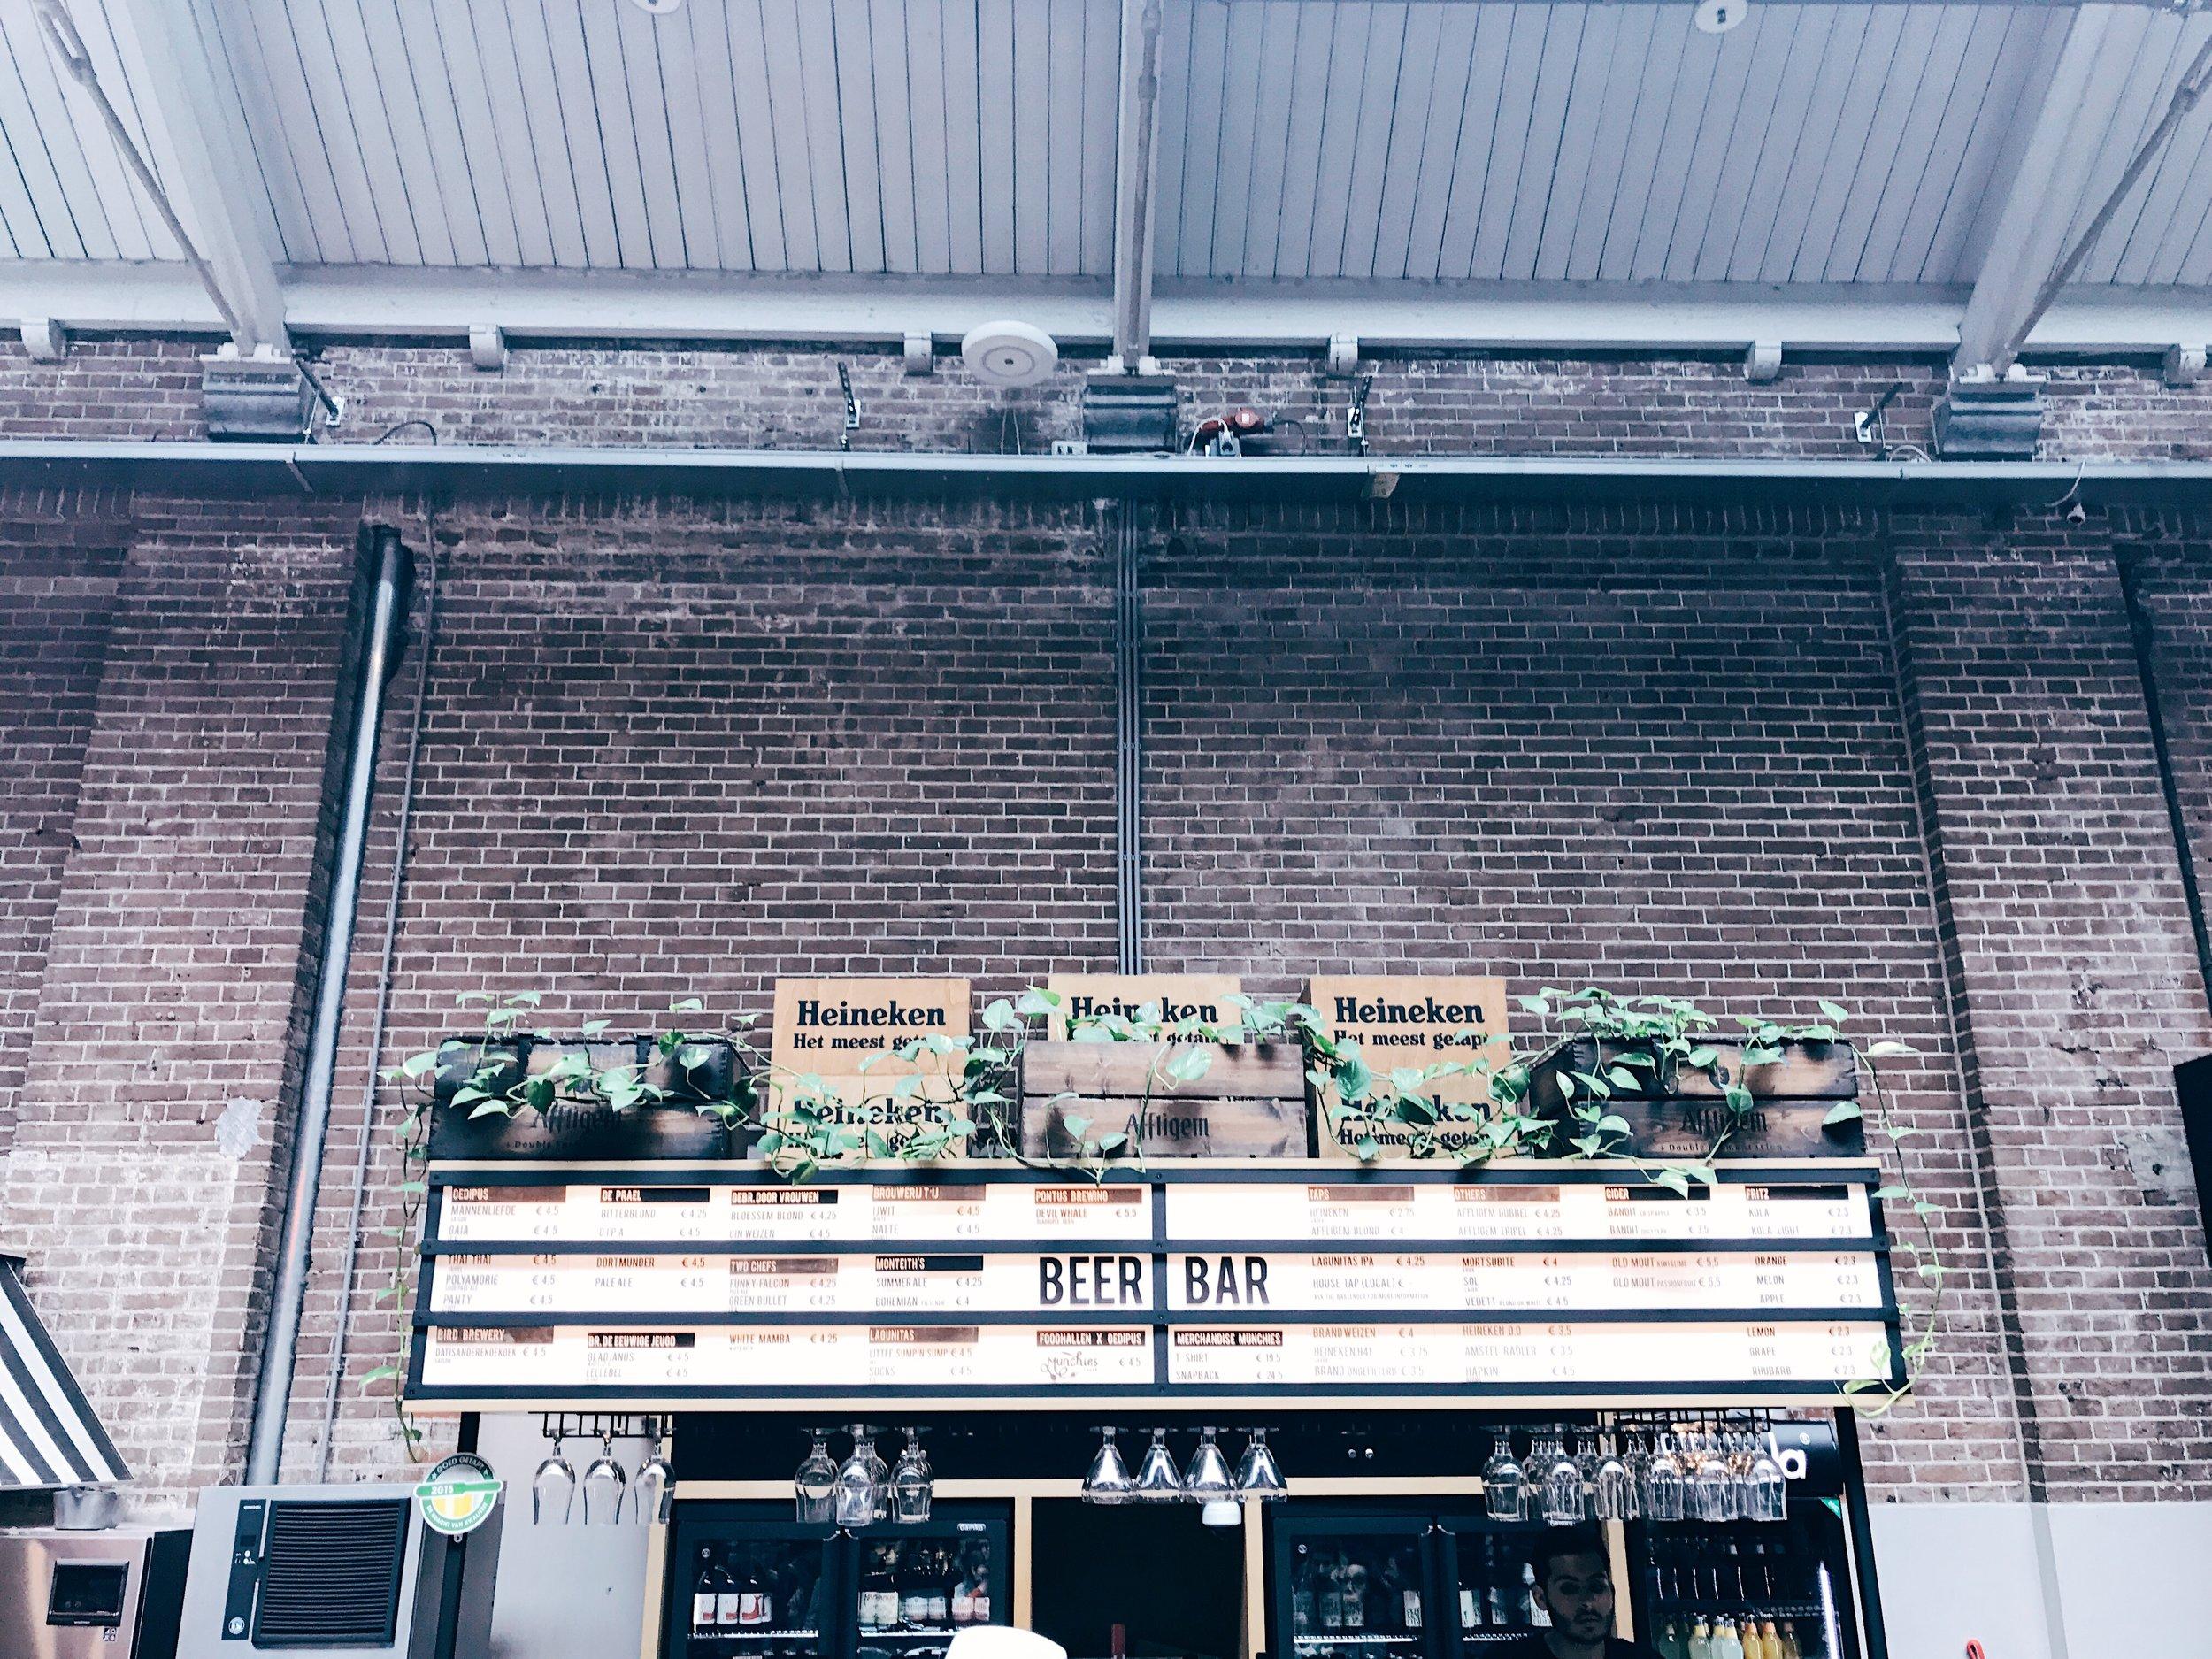 Beer Bar at Foodhallen